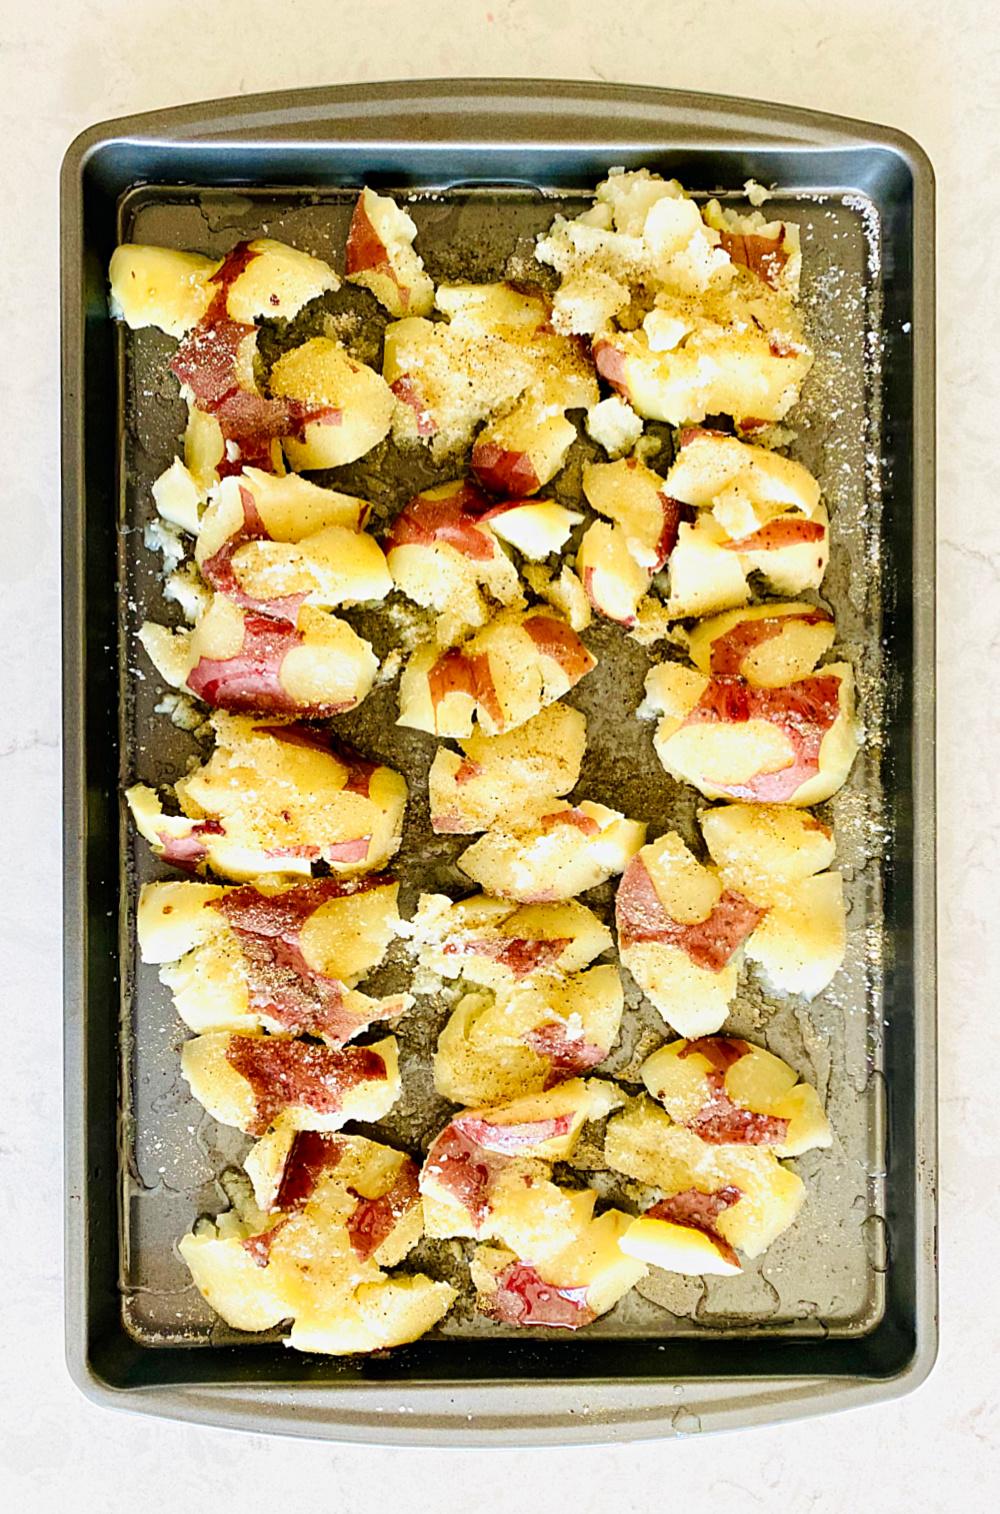 smashed-roasted-potato-salad-recipe-side-dish-athomewithjemma